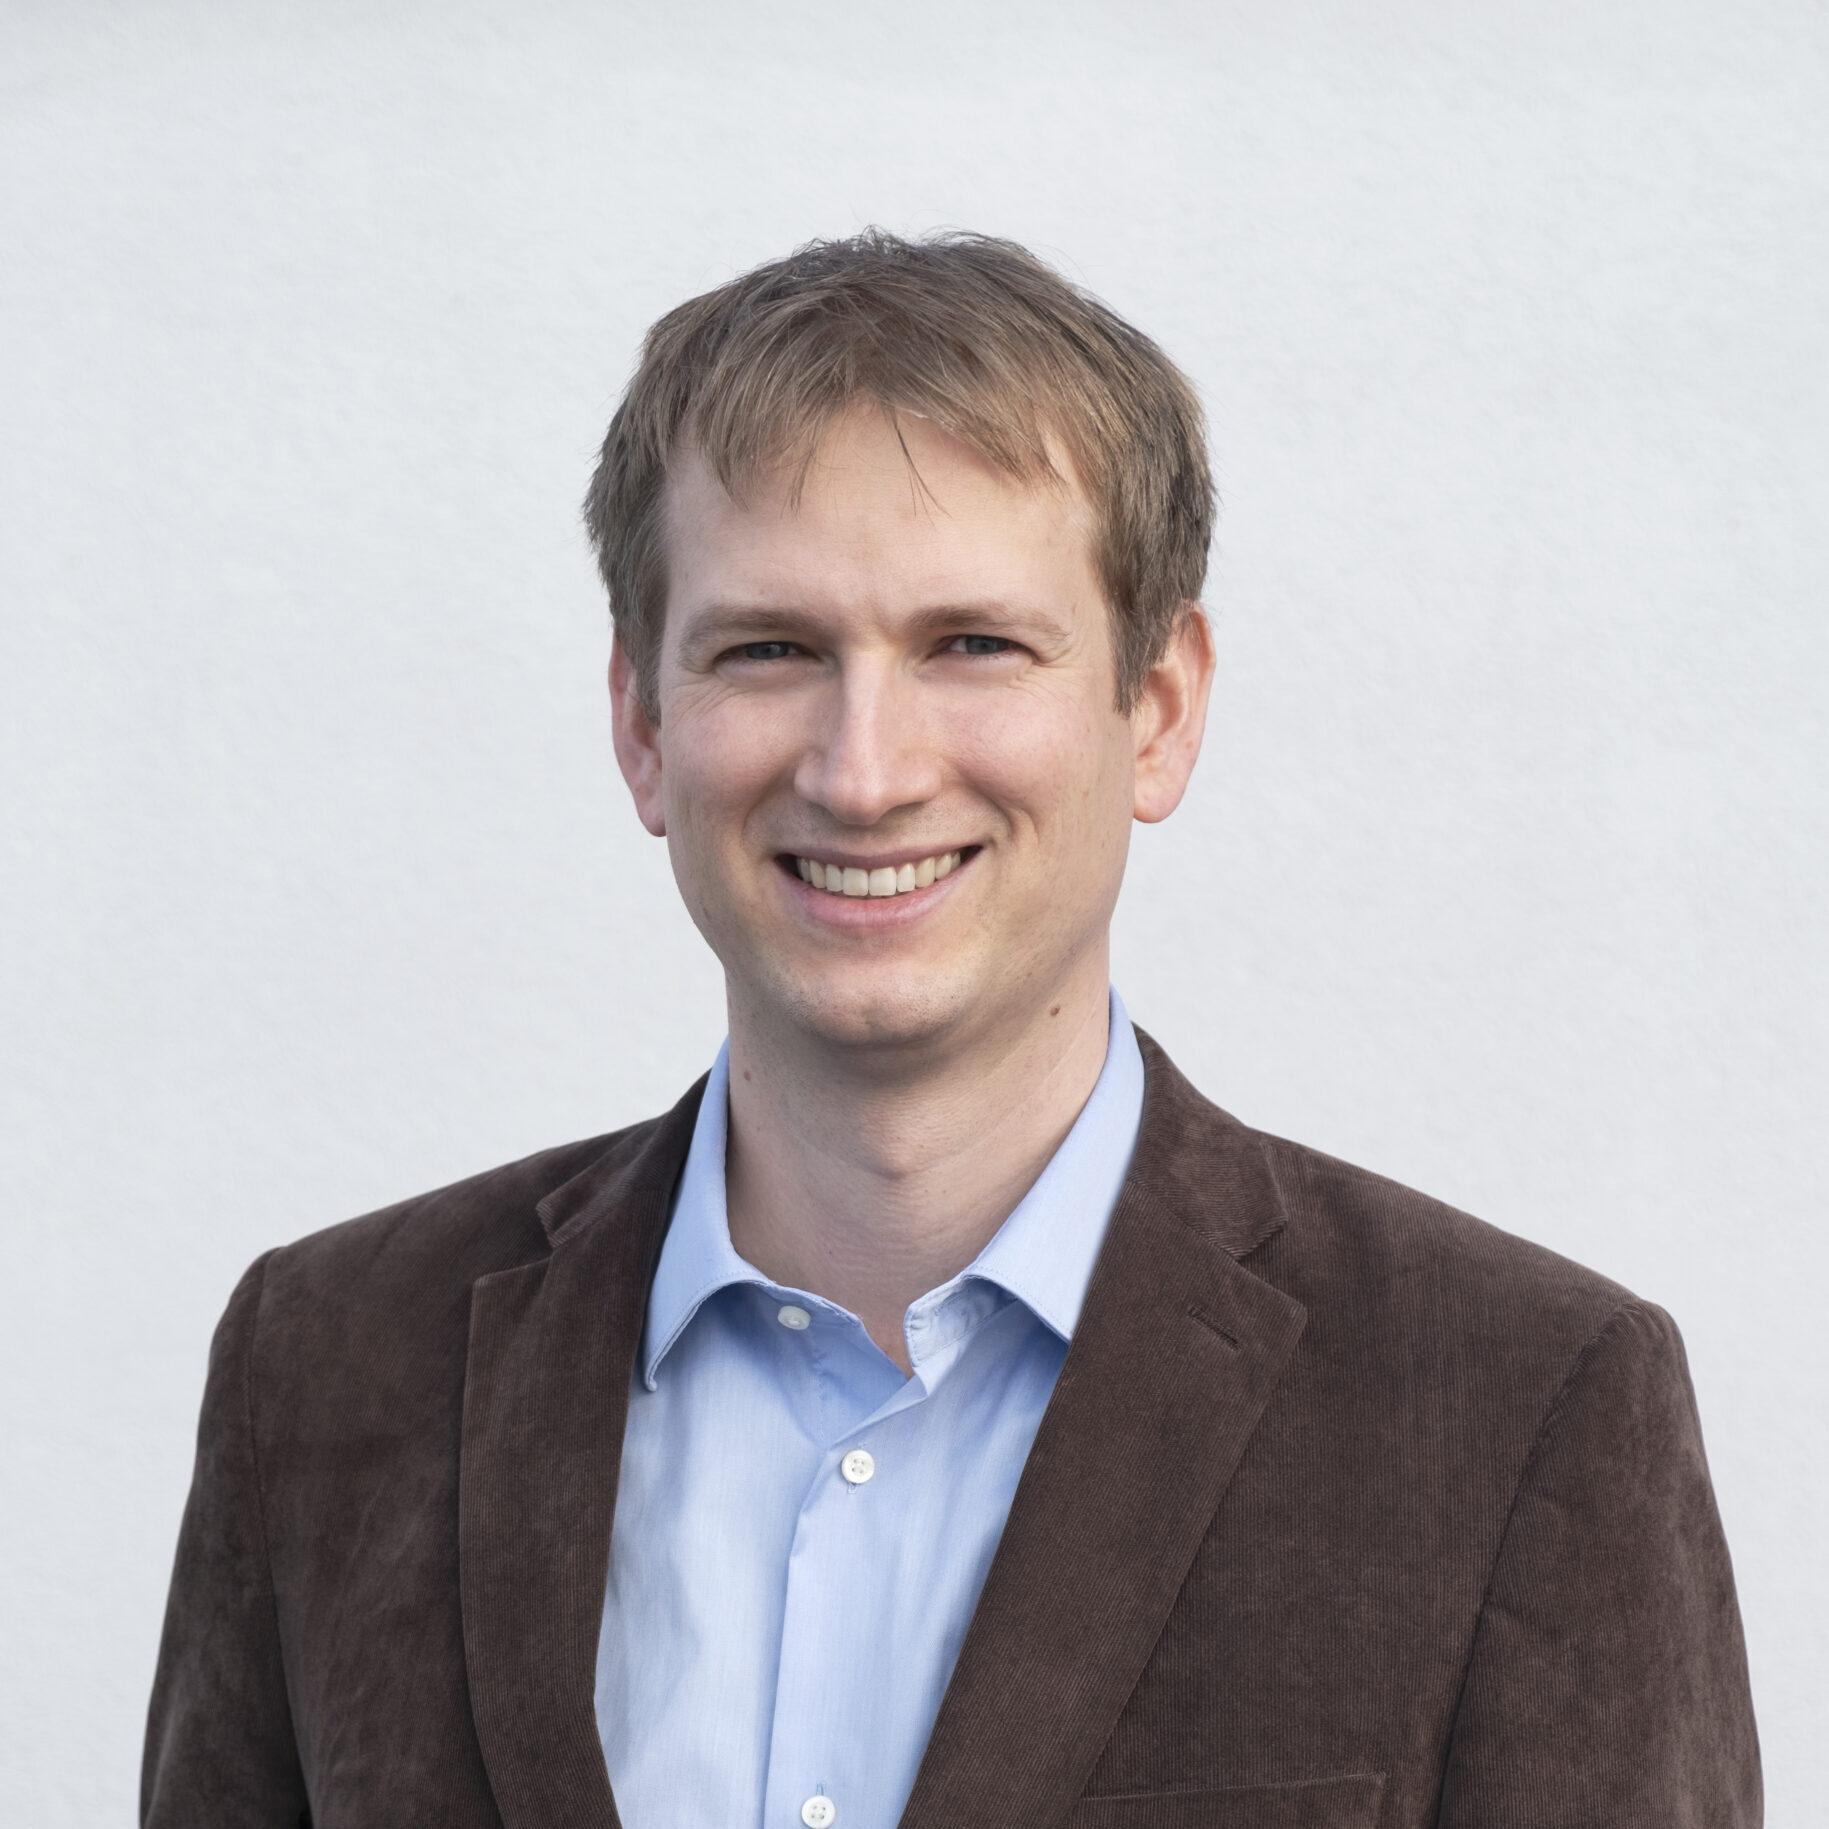 2021 - Simon Müller wird neuer Intendant